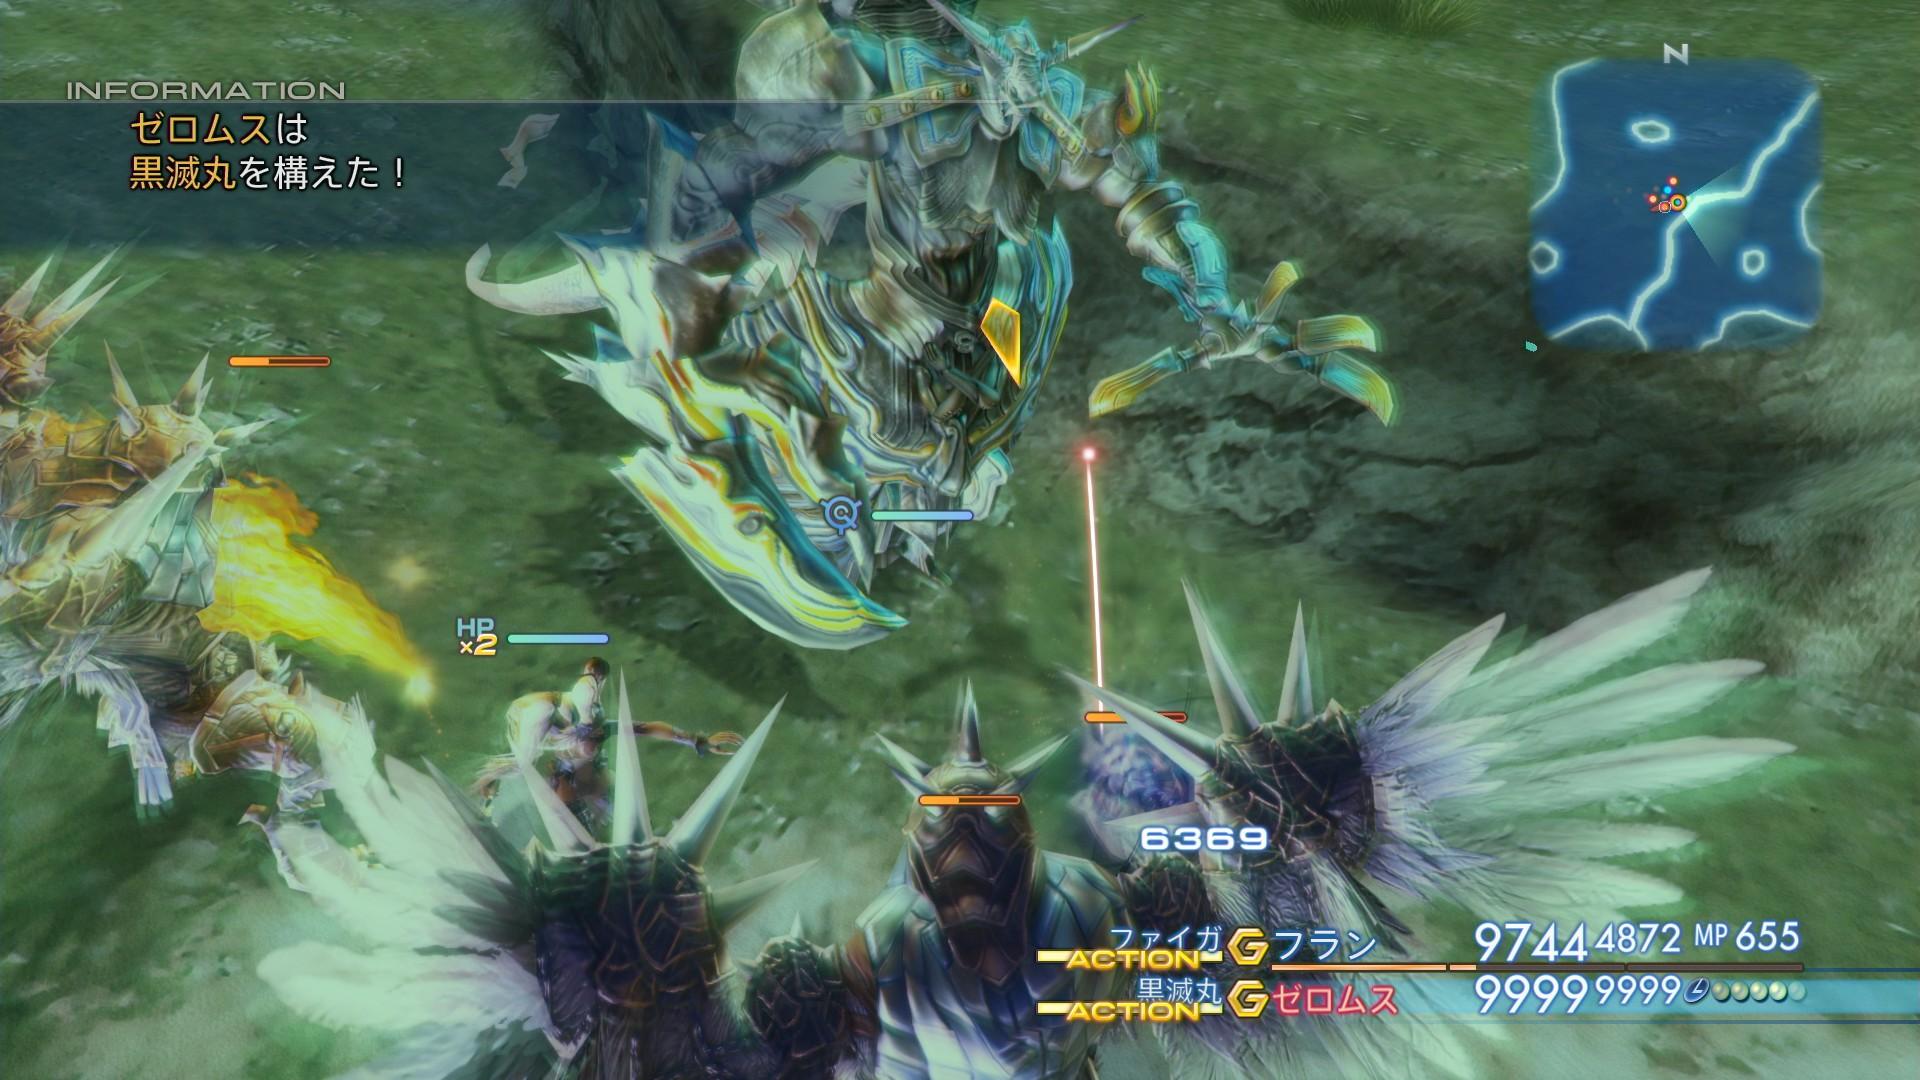 Lov, klany a nepřátelé z Final Fantasy XII: The Zodiac Age na screenshotech 146278